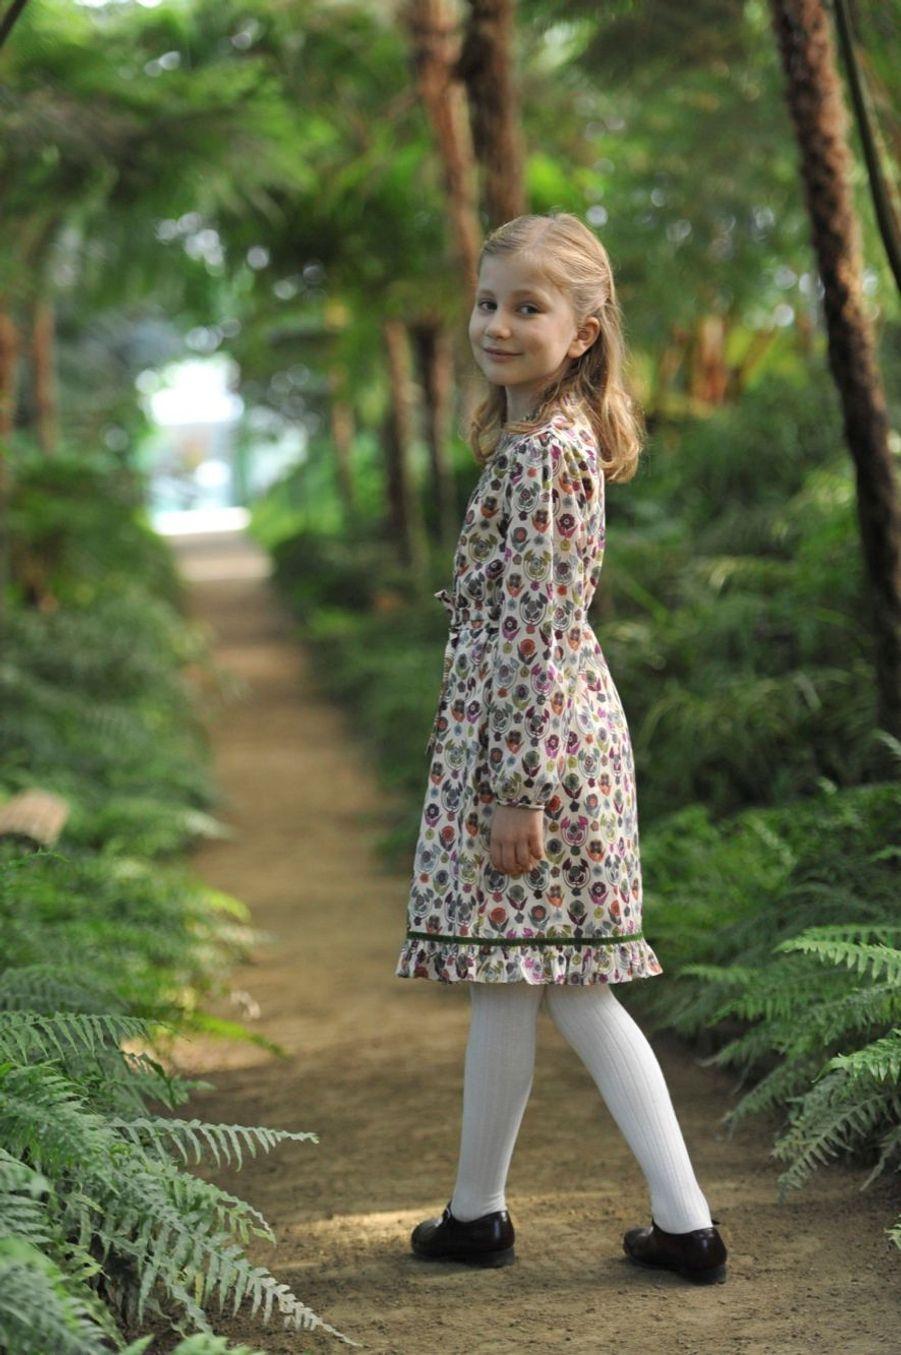 Photo officielle de la princesse Elisabeth de Belgique pour son 10e anniversaire, le 25 octobre 2011